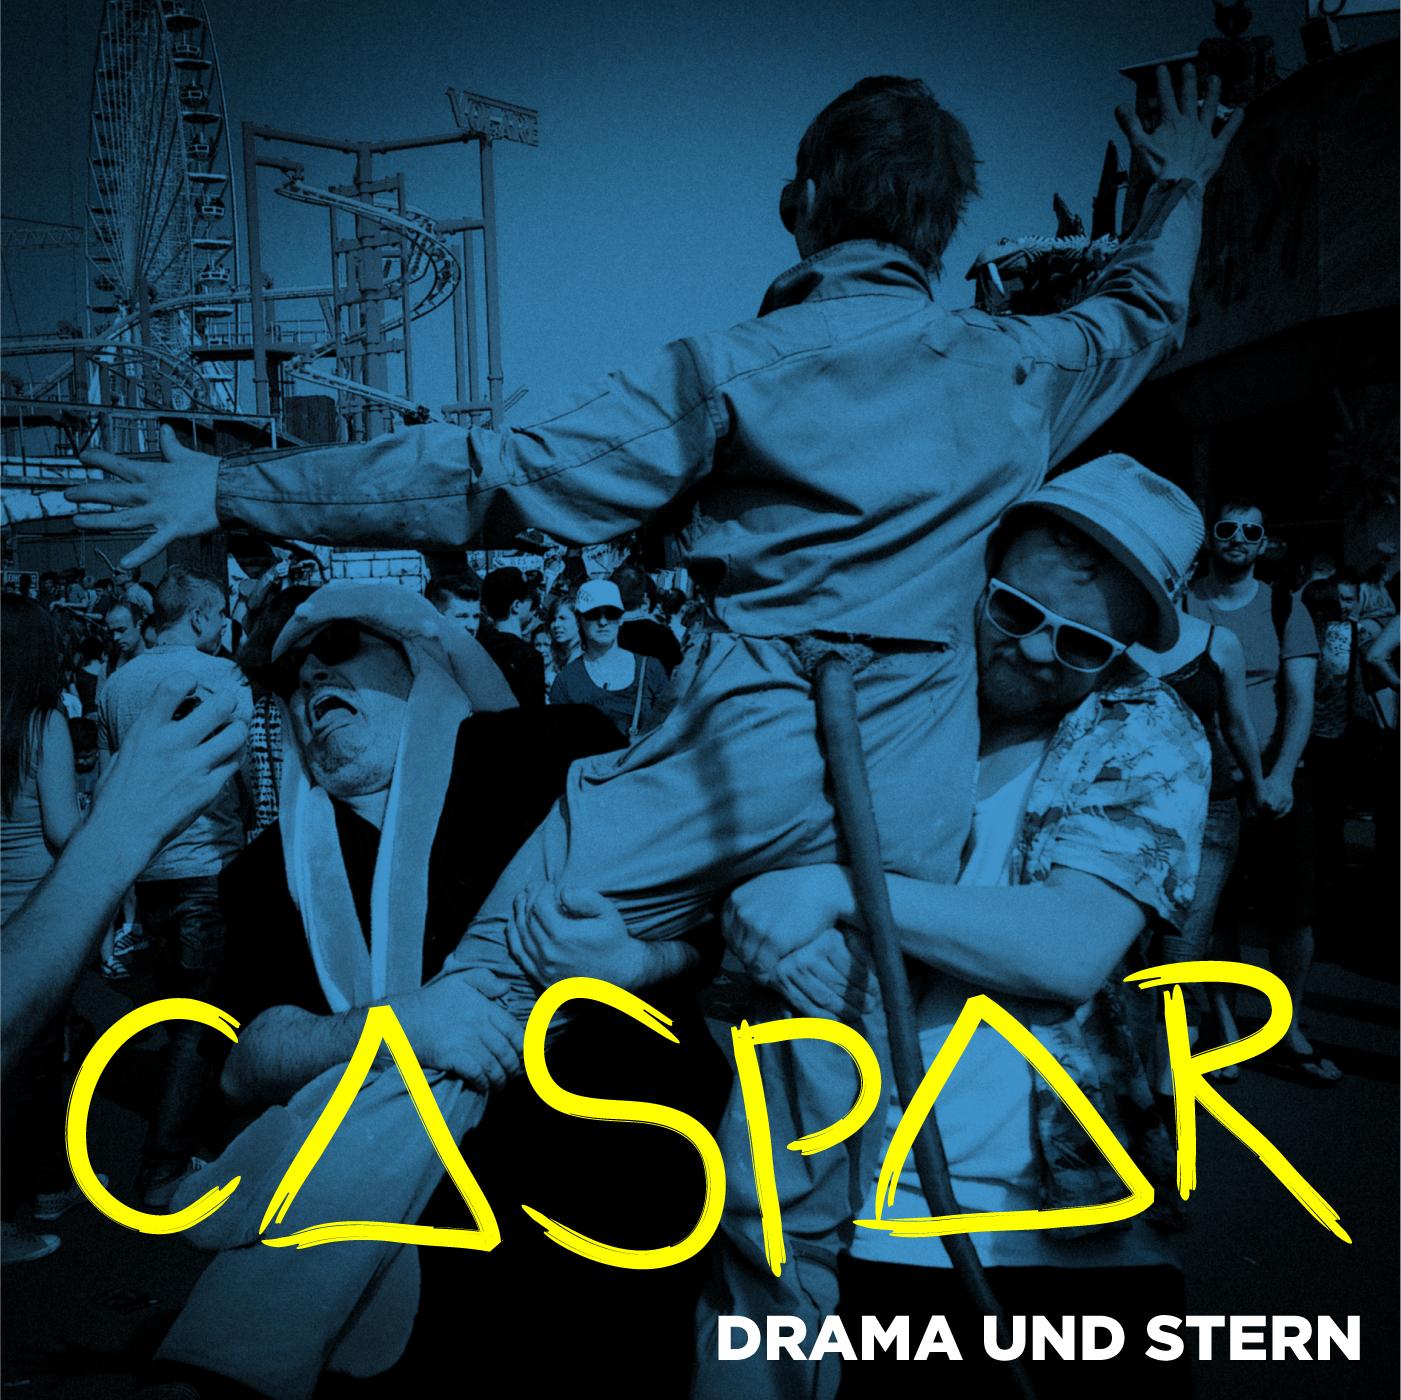 Drama und Stern - Caspar